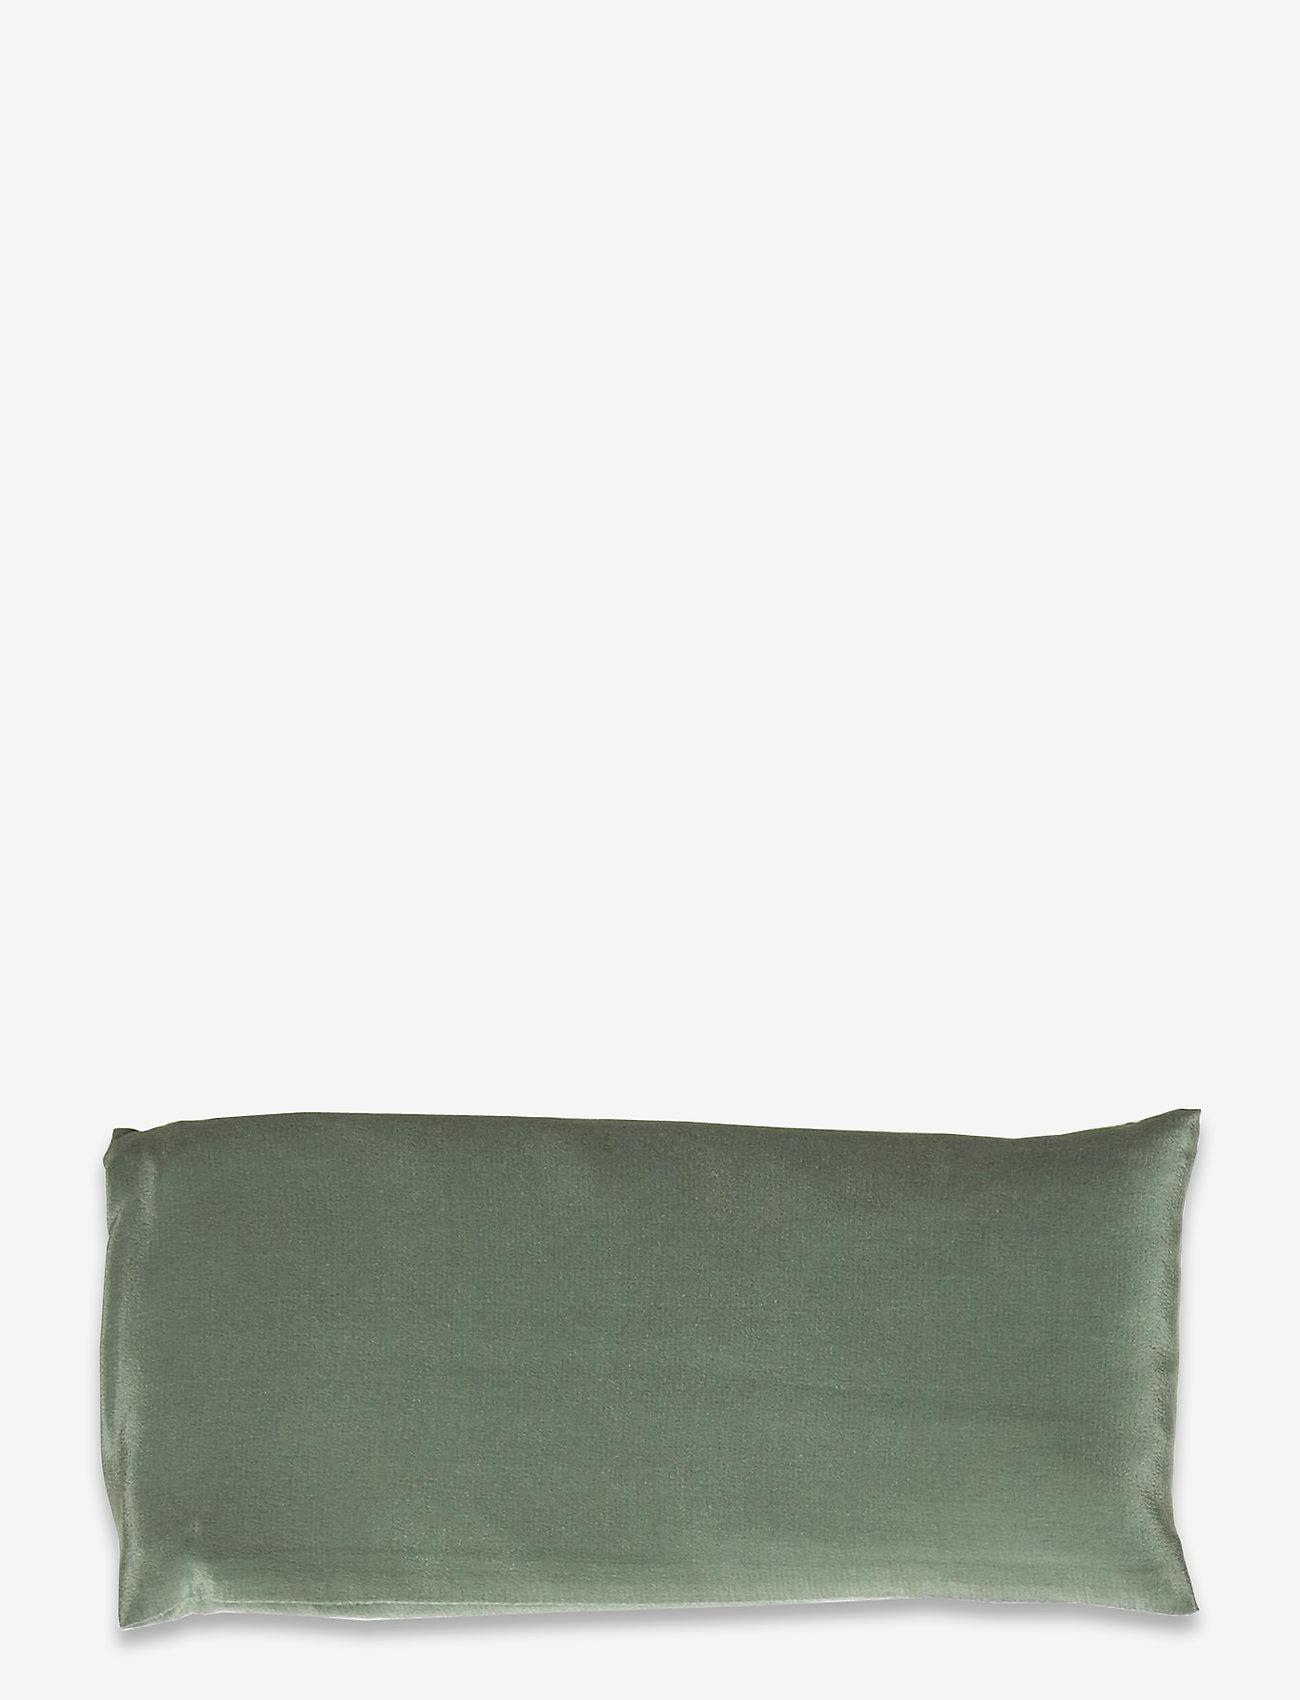 Yogiraj - Eye pillow - YOGIRAJ - yogamatten en -accessoires - moss green - 1